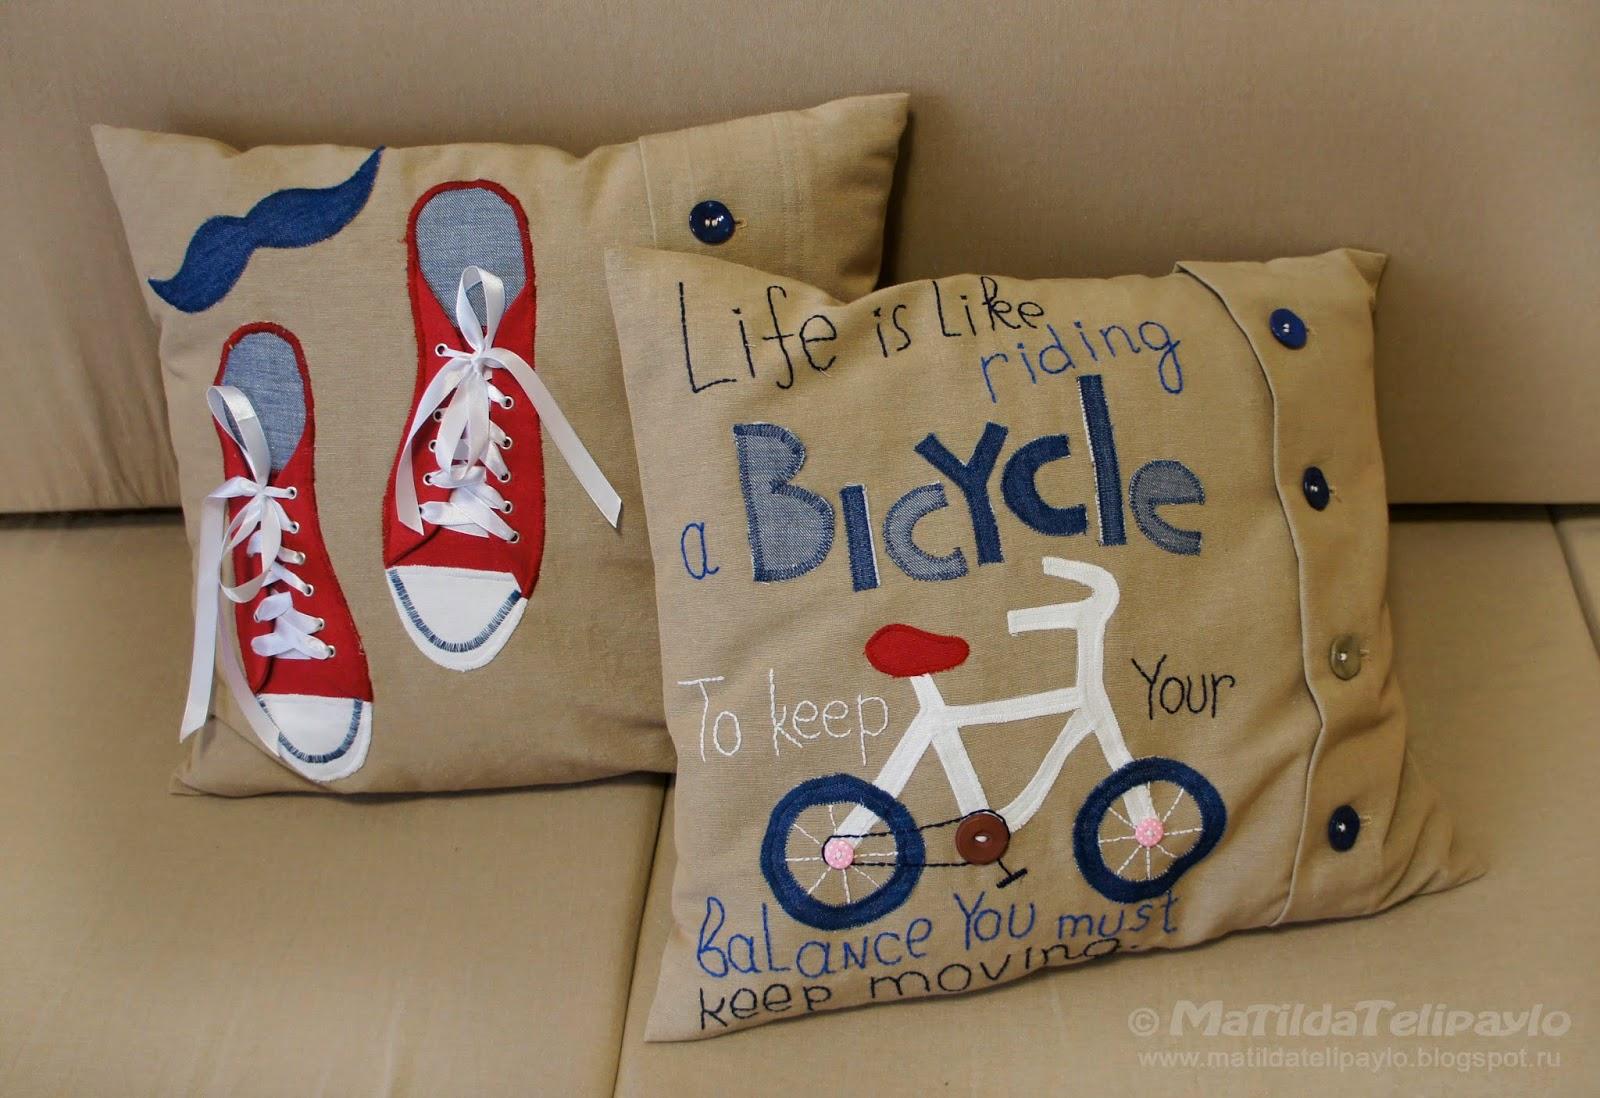 Кеды, конверсы, Converse, велосипед, апликация на ткани